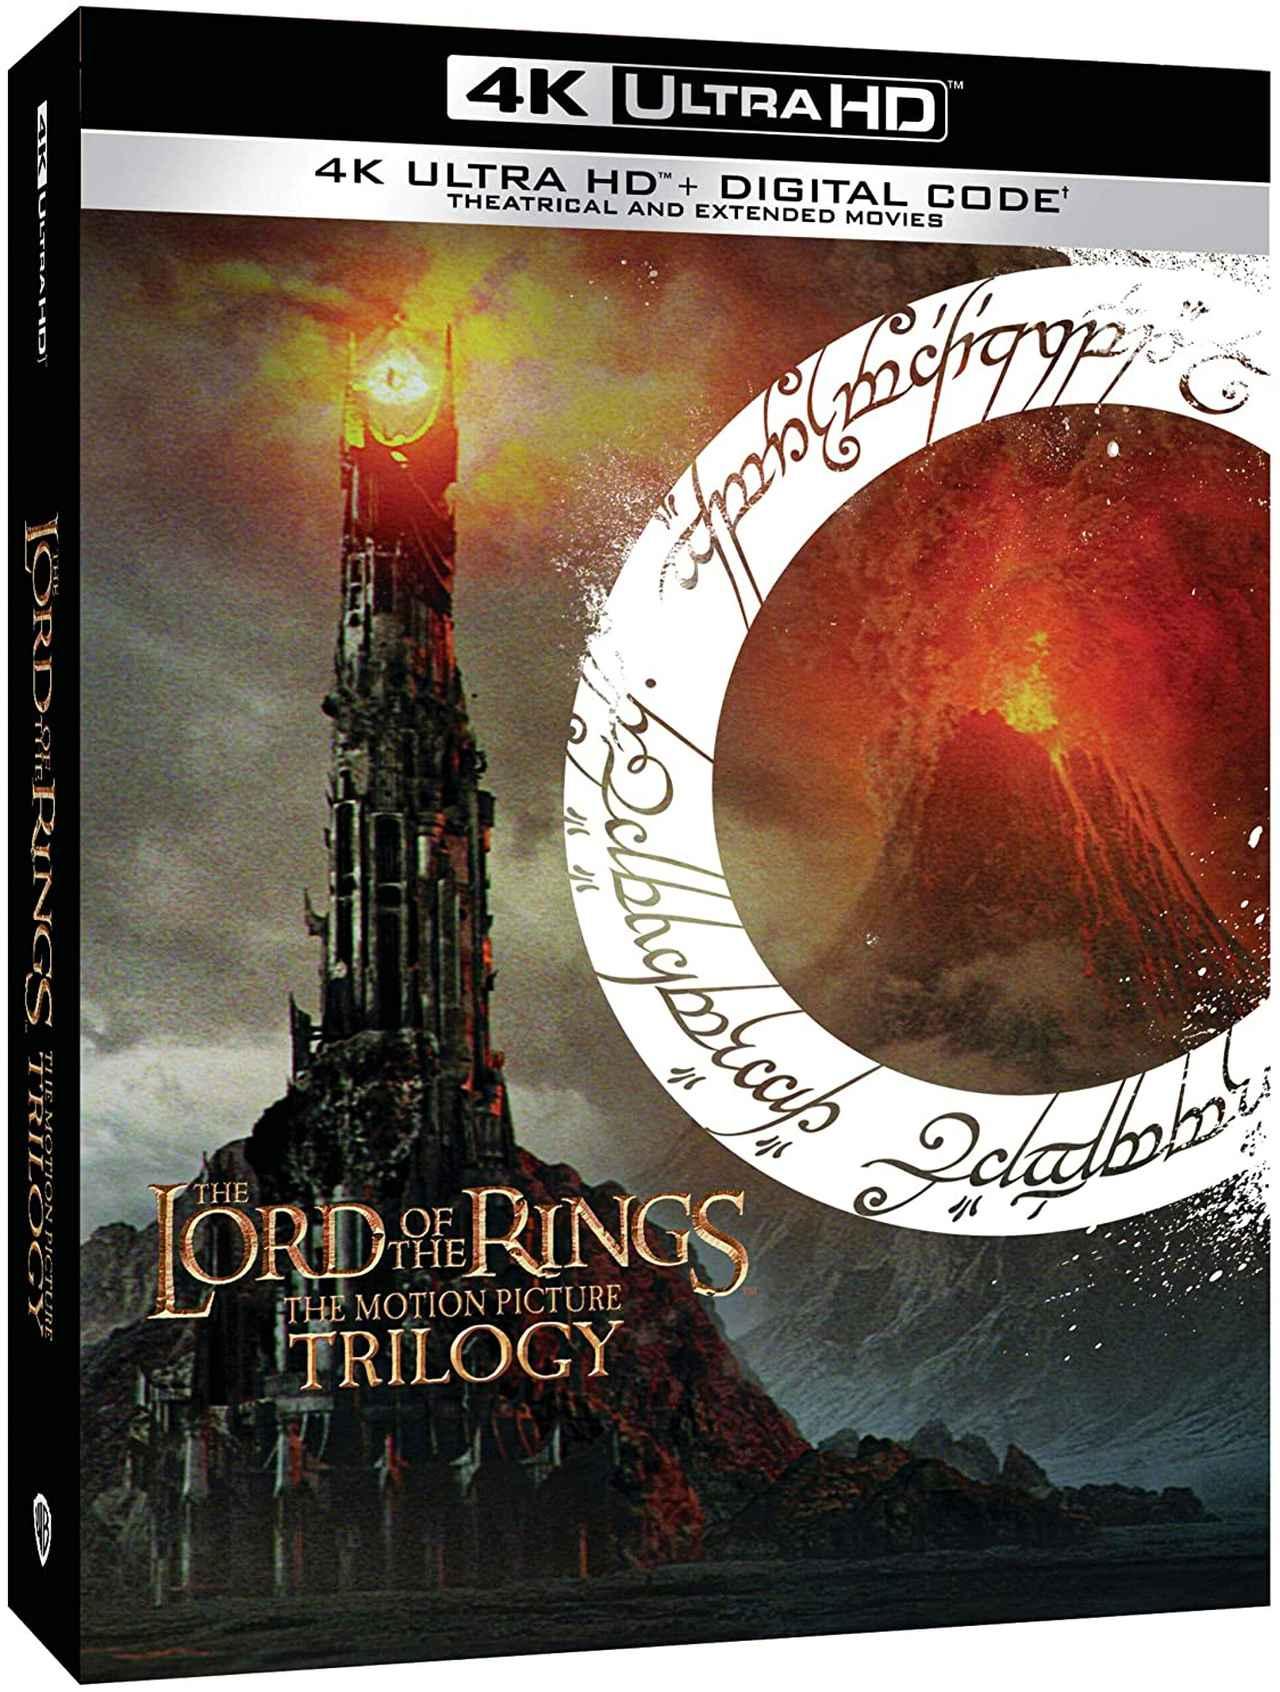 画像: The Lord of the Rings: The Motion Picture Trilogy ( Extended & Theatrical ) - $89.99 - The Lord of the Rings: The Fellowship of the Ring (2001) - The Lord of the Rings: The Two Towers (2002) - The Lord of the Rings: The Return of the King (2003)